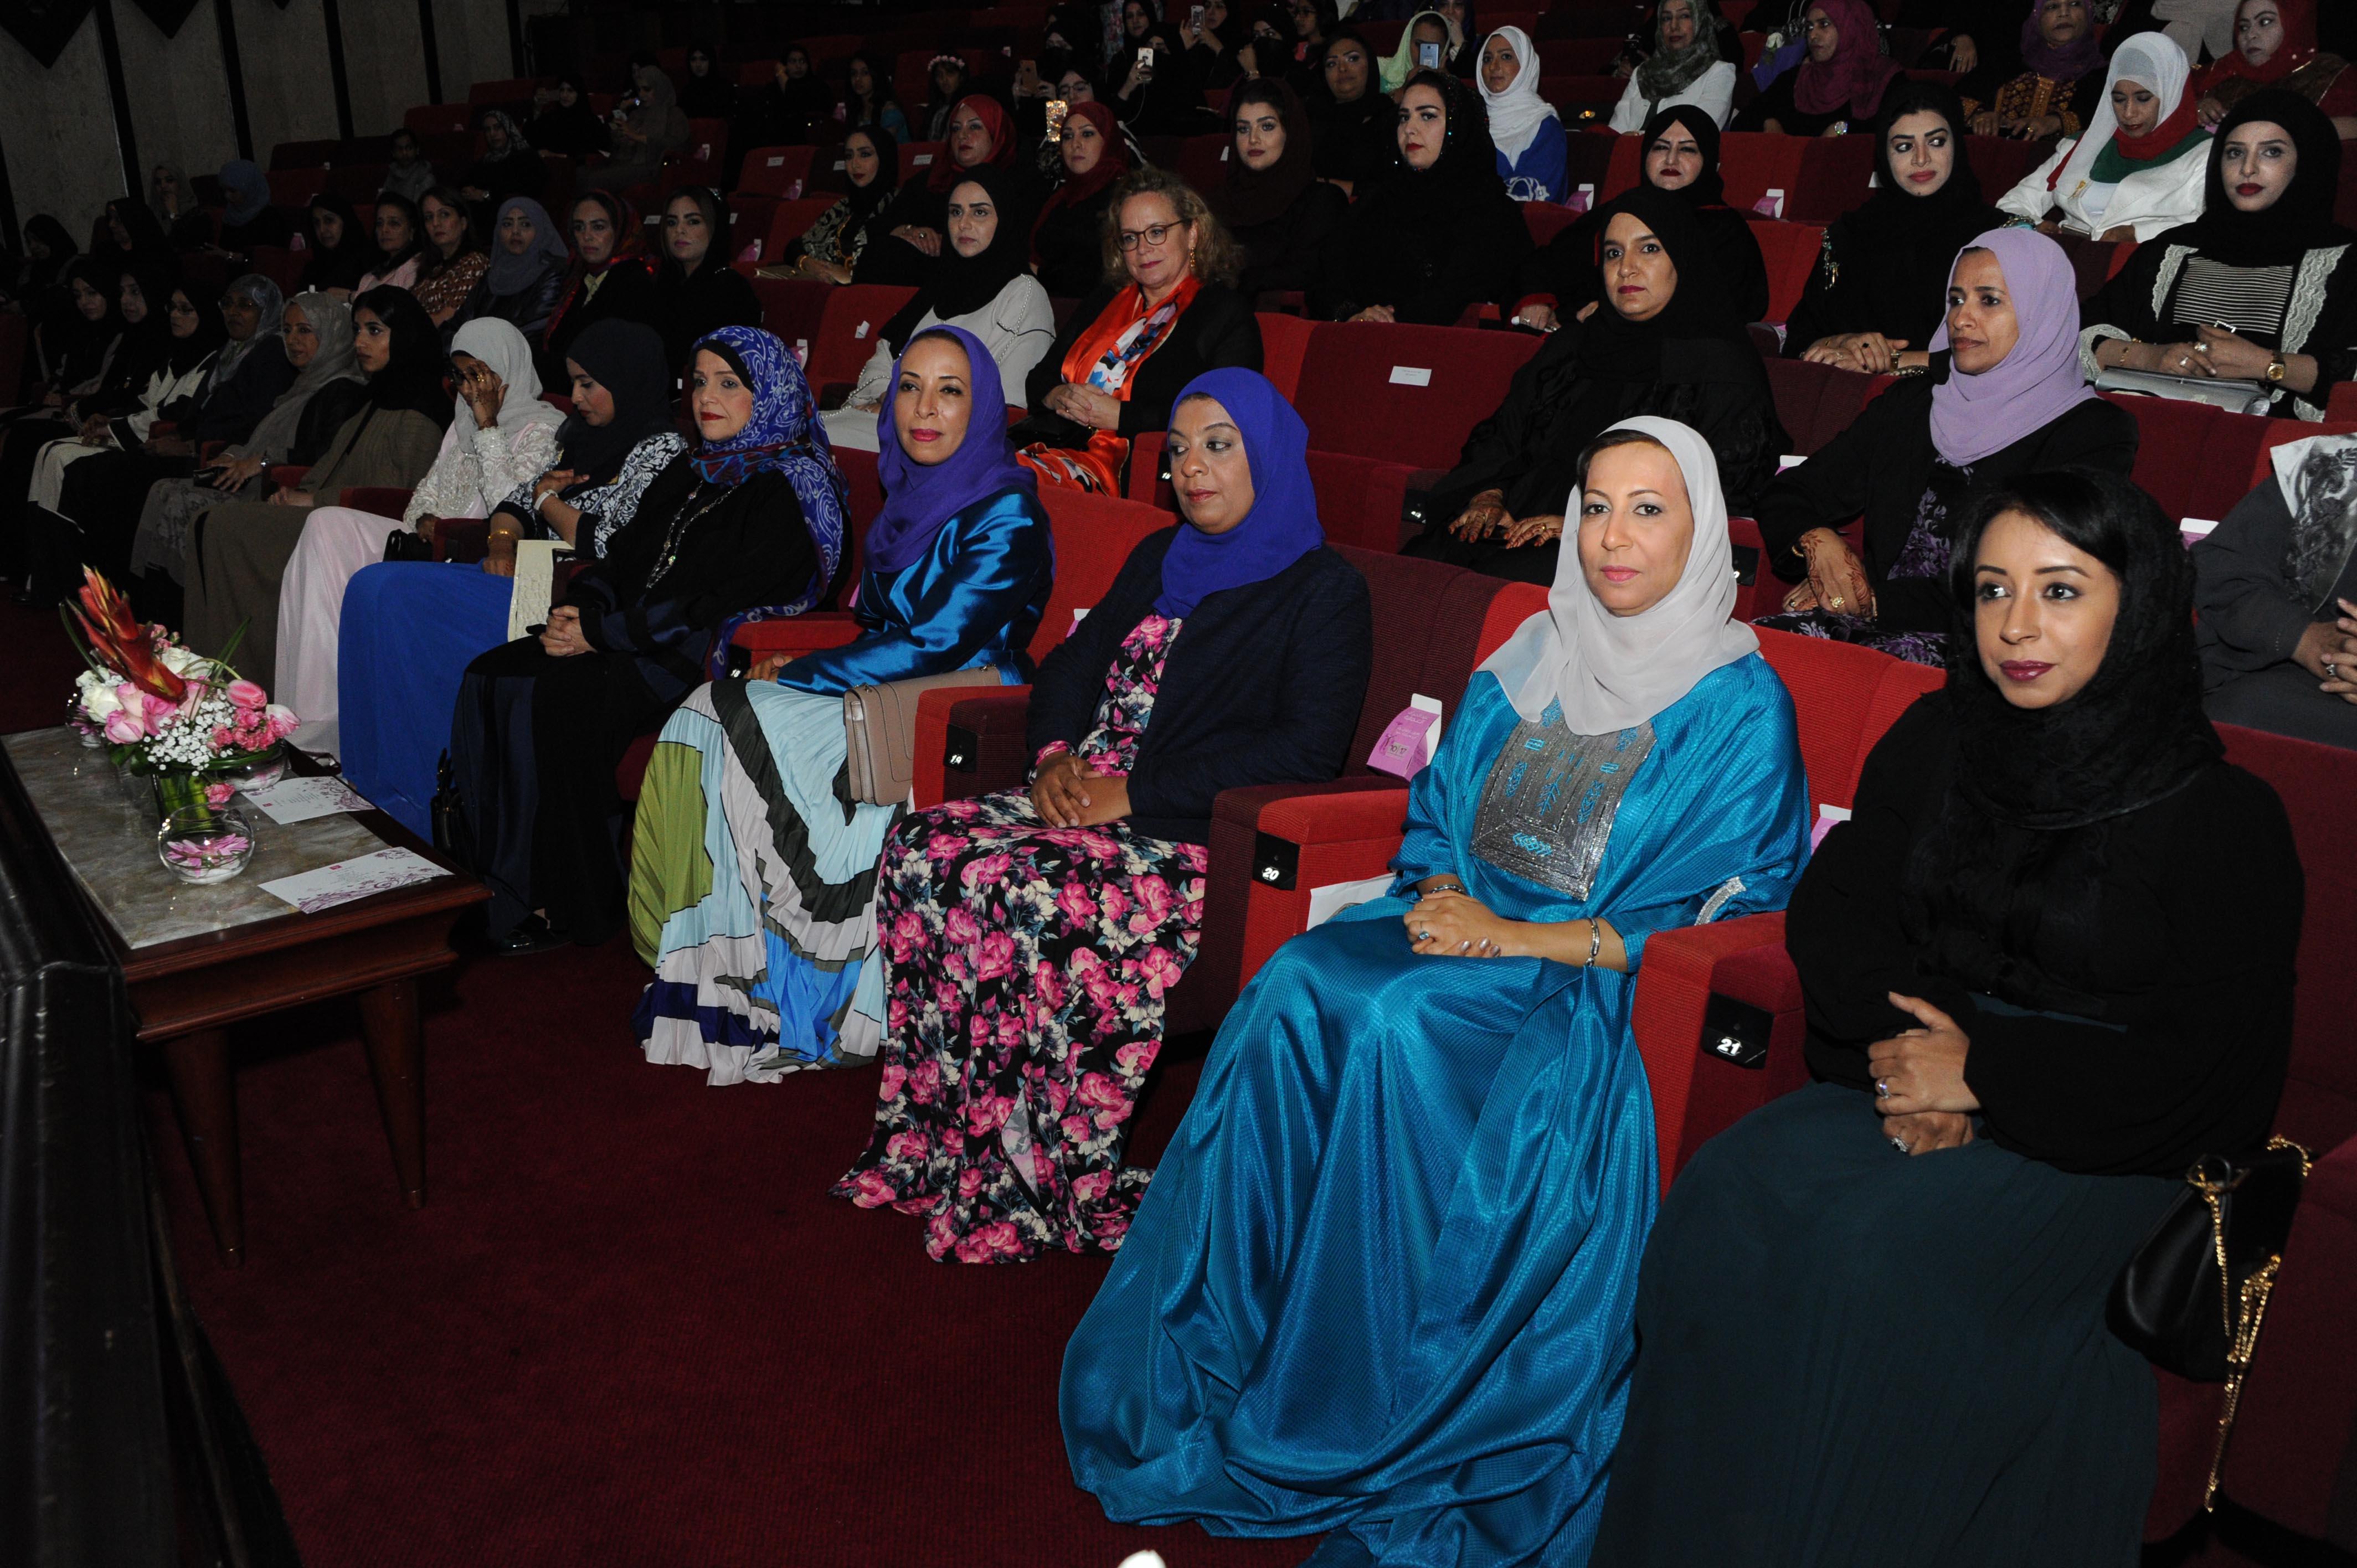 السلطنة تحتفل بيوم المرأة العمانية (17) أكتوبر